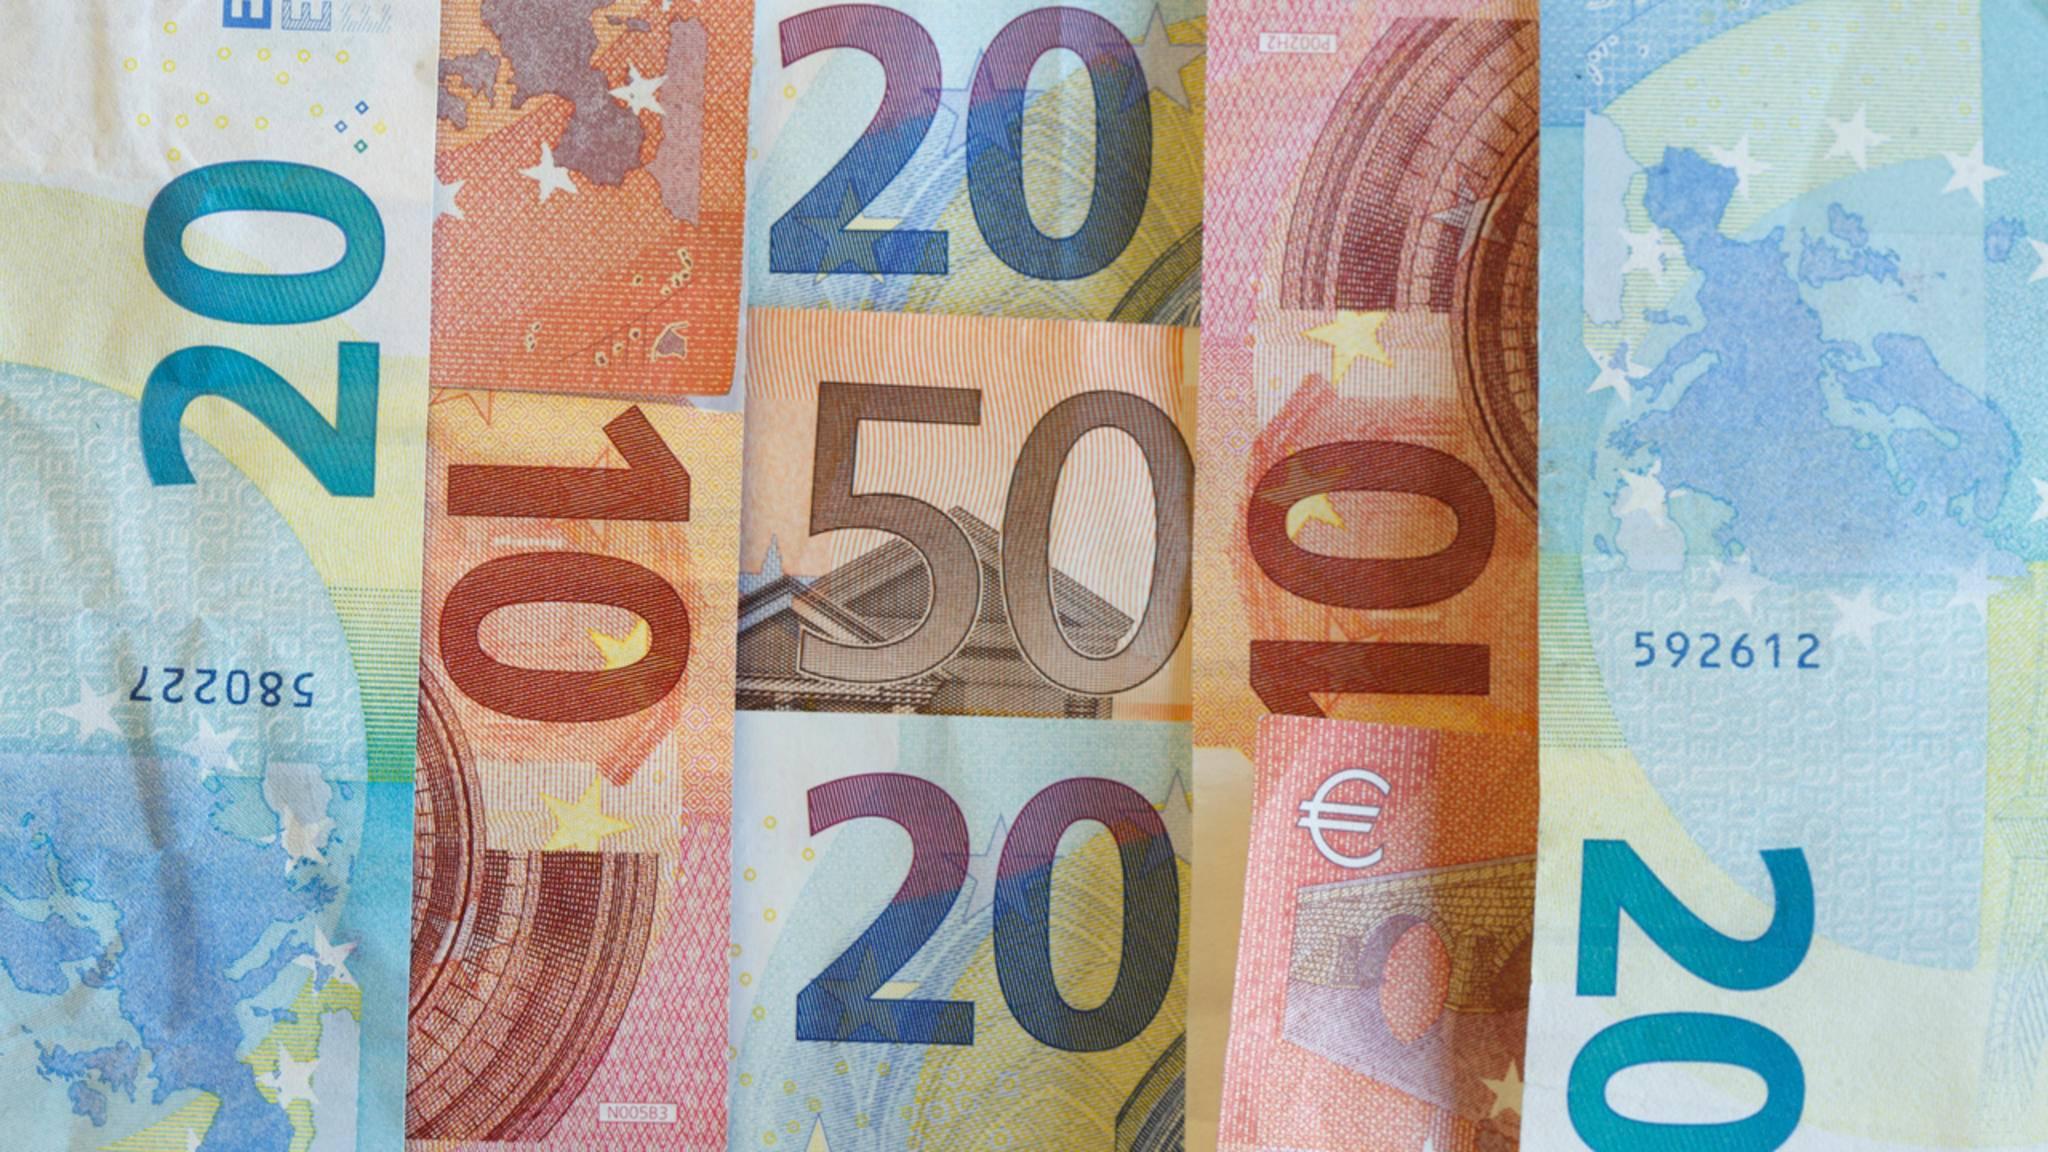 Wie glücklich macht Geld? Eine neue Studie geht der Frage auf den Grund.